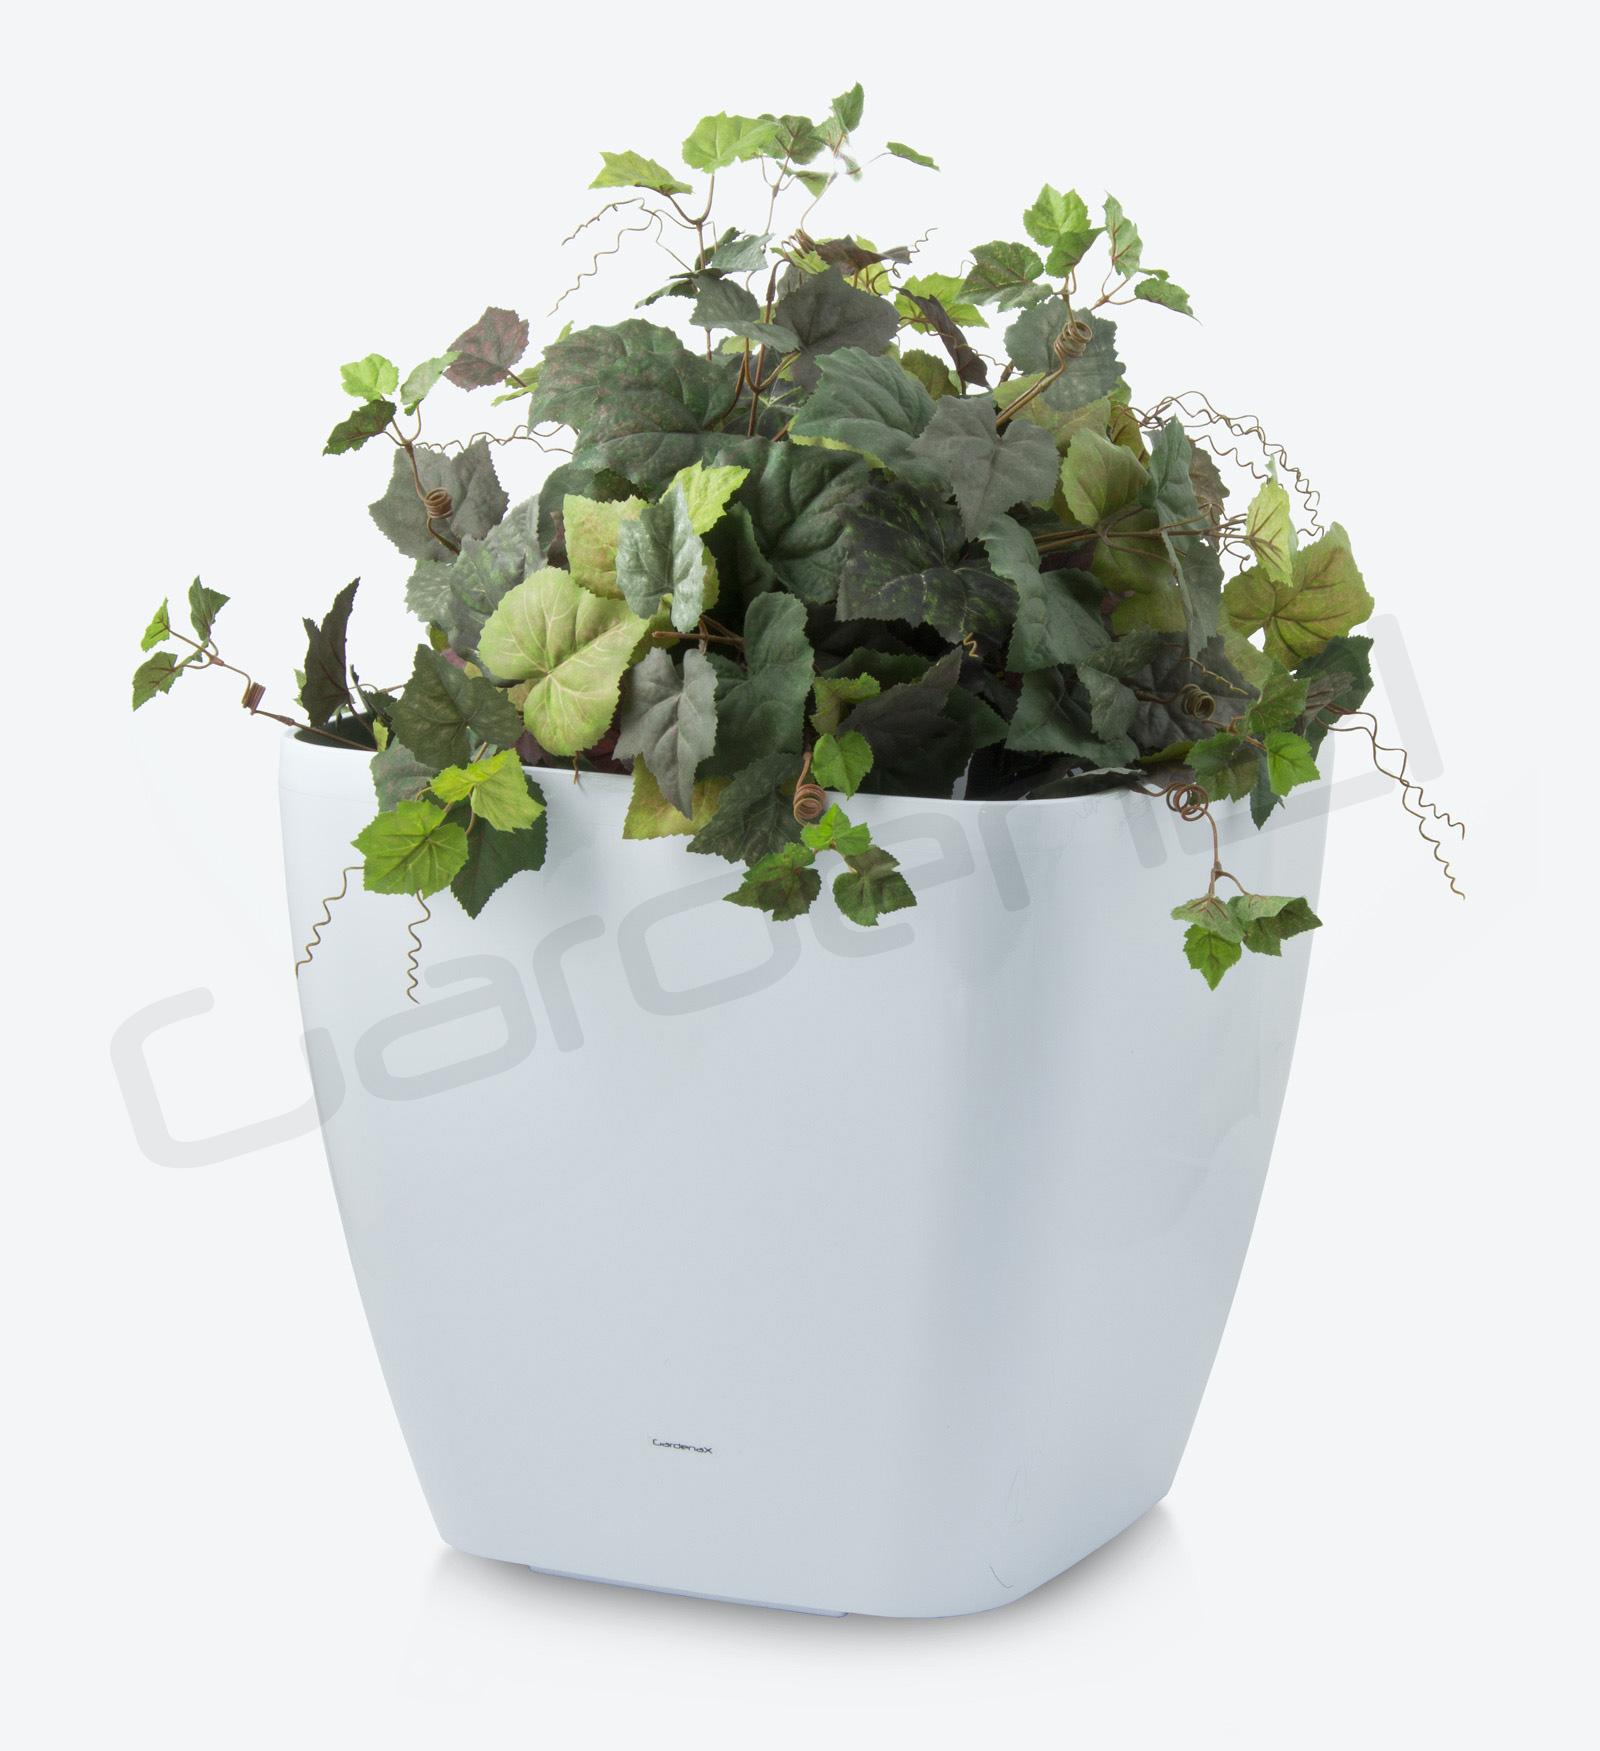 Samozavlažovací květináč G21 Cube maxi bílý 45cm + doprava zdarma